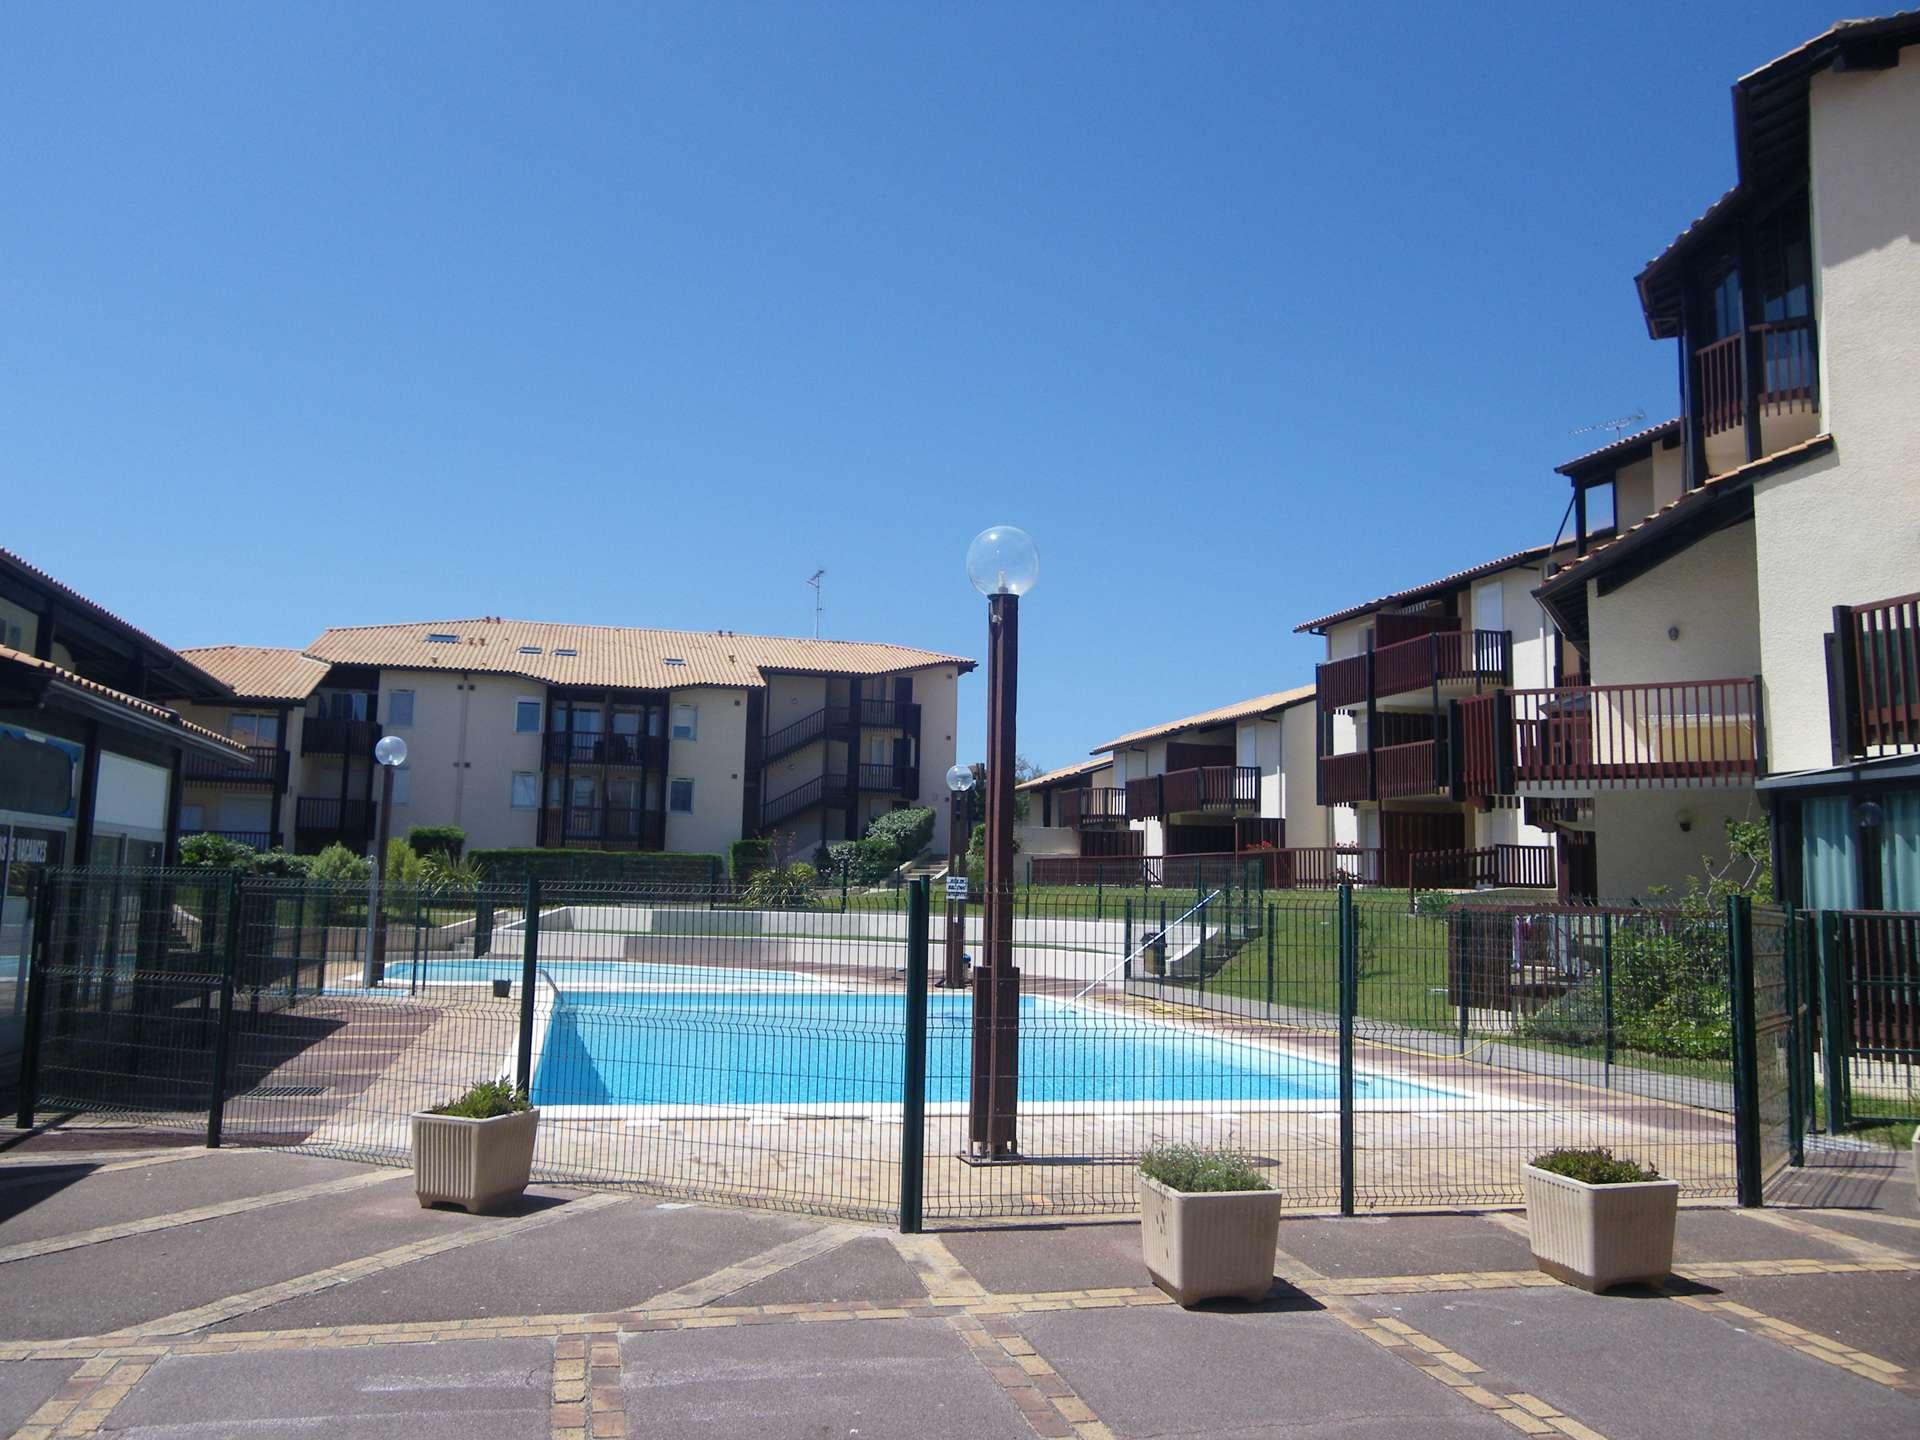 Apartment to rent in Vieux Boucau